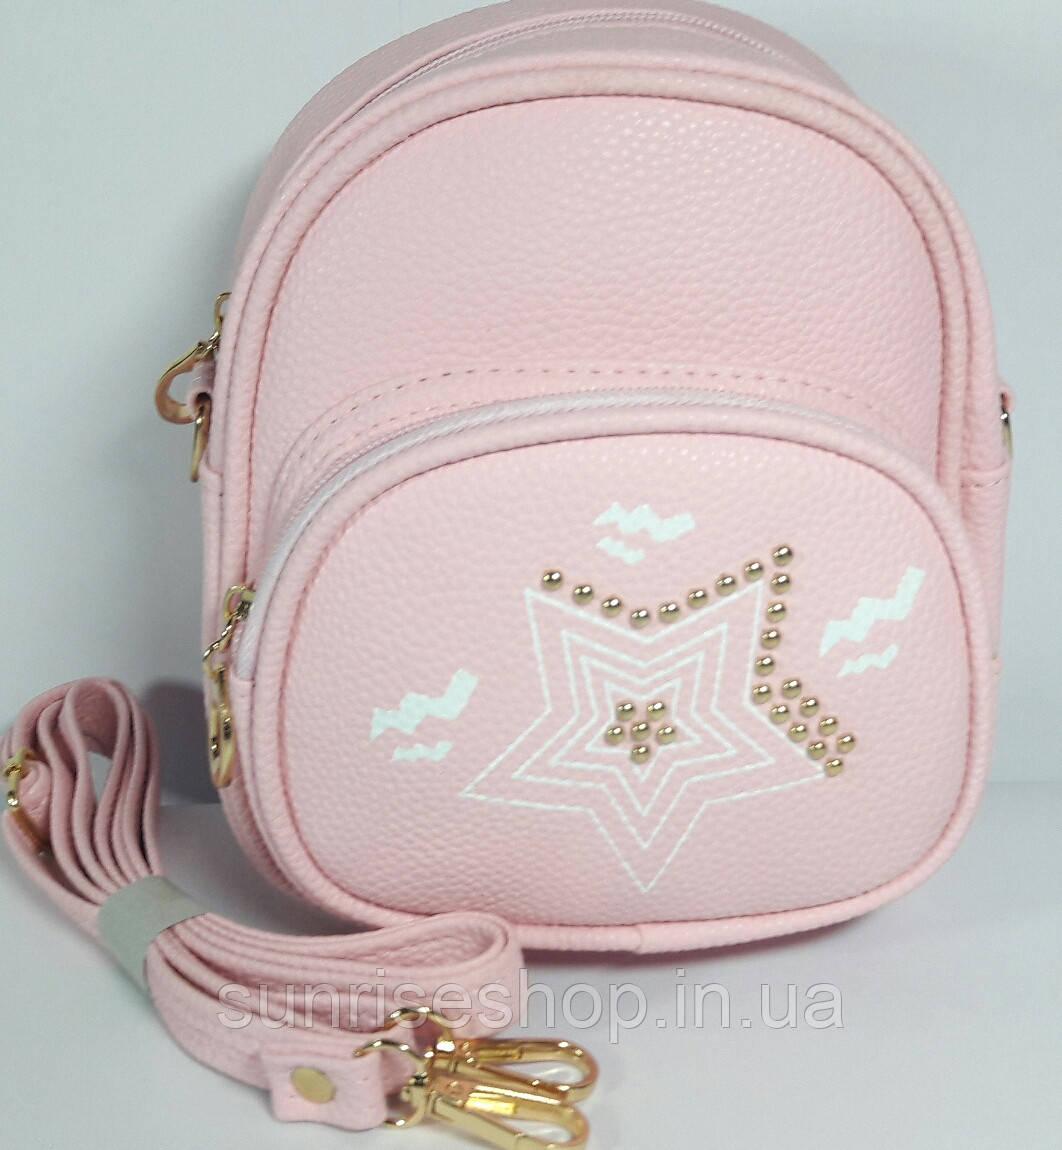 867d29e127c5 Сумка- рюкзак детская для девочки-подростка - Sunriseshop косметички клатчи  детские ...